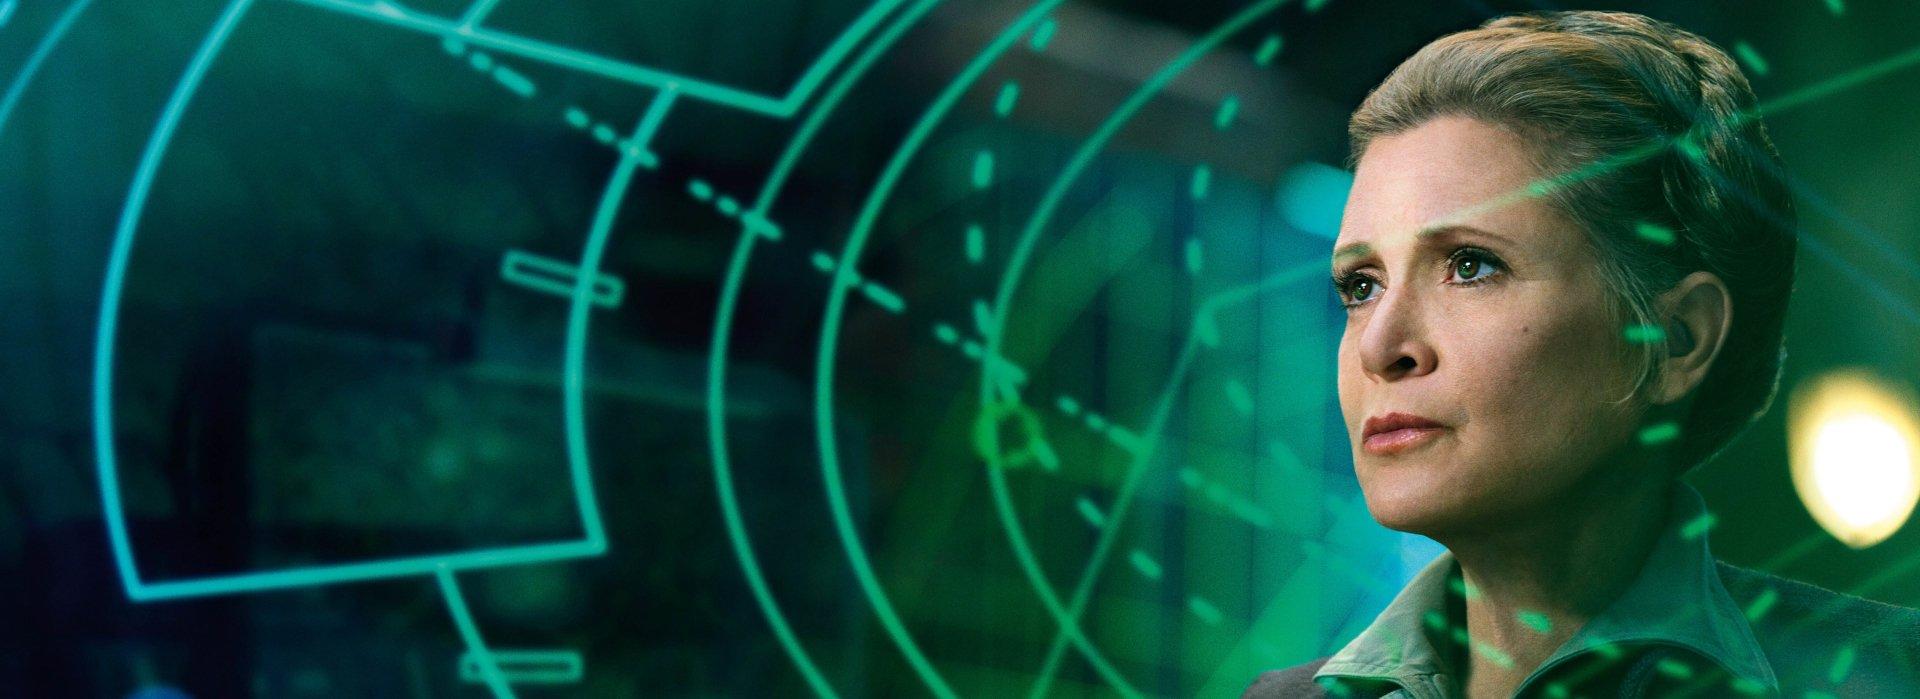 电影 - 星球大战7:原力觉醒  星球大战 Princess Leia Carrie Fisher 壁纸